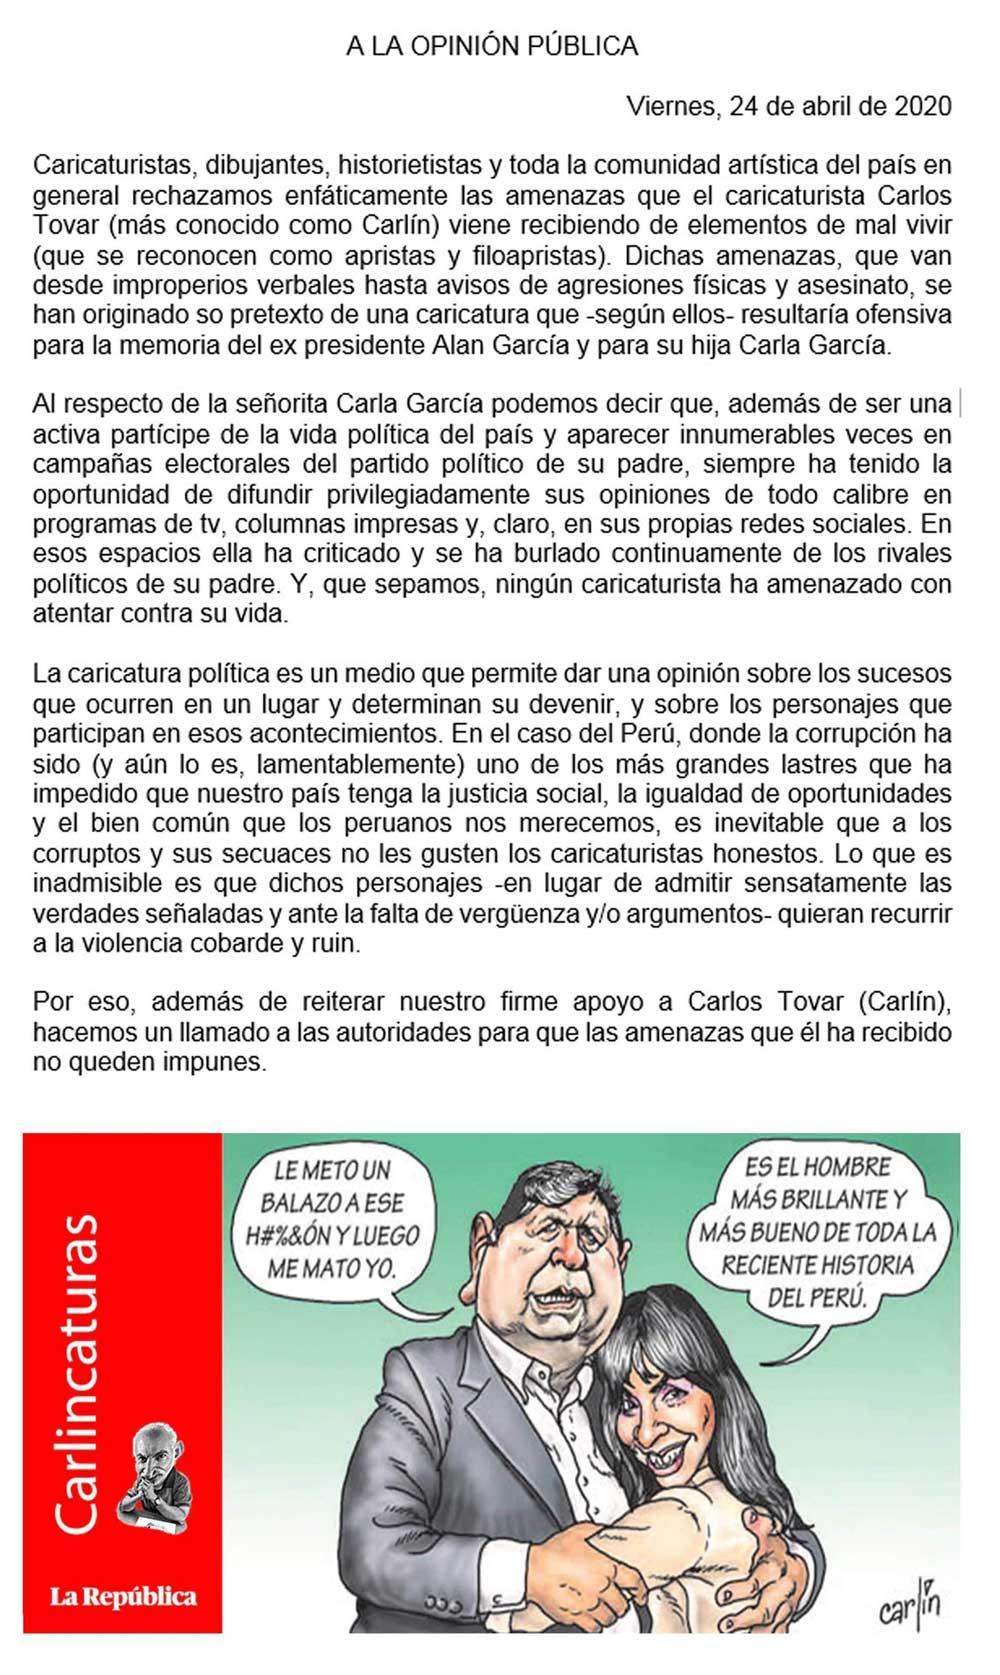 El dibujante peruano Carlín recibe amenazas de agresión por una viñeta sobre Alan García 3